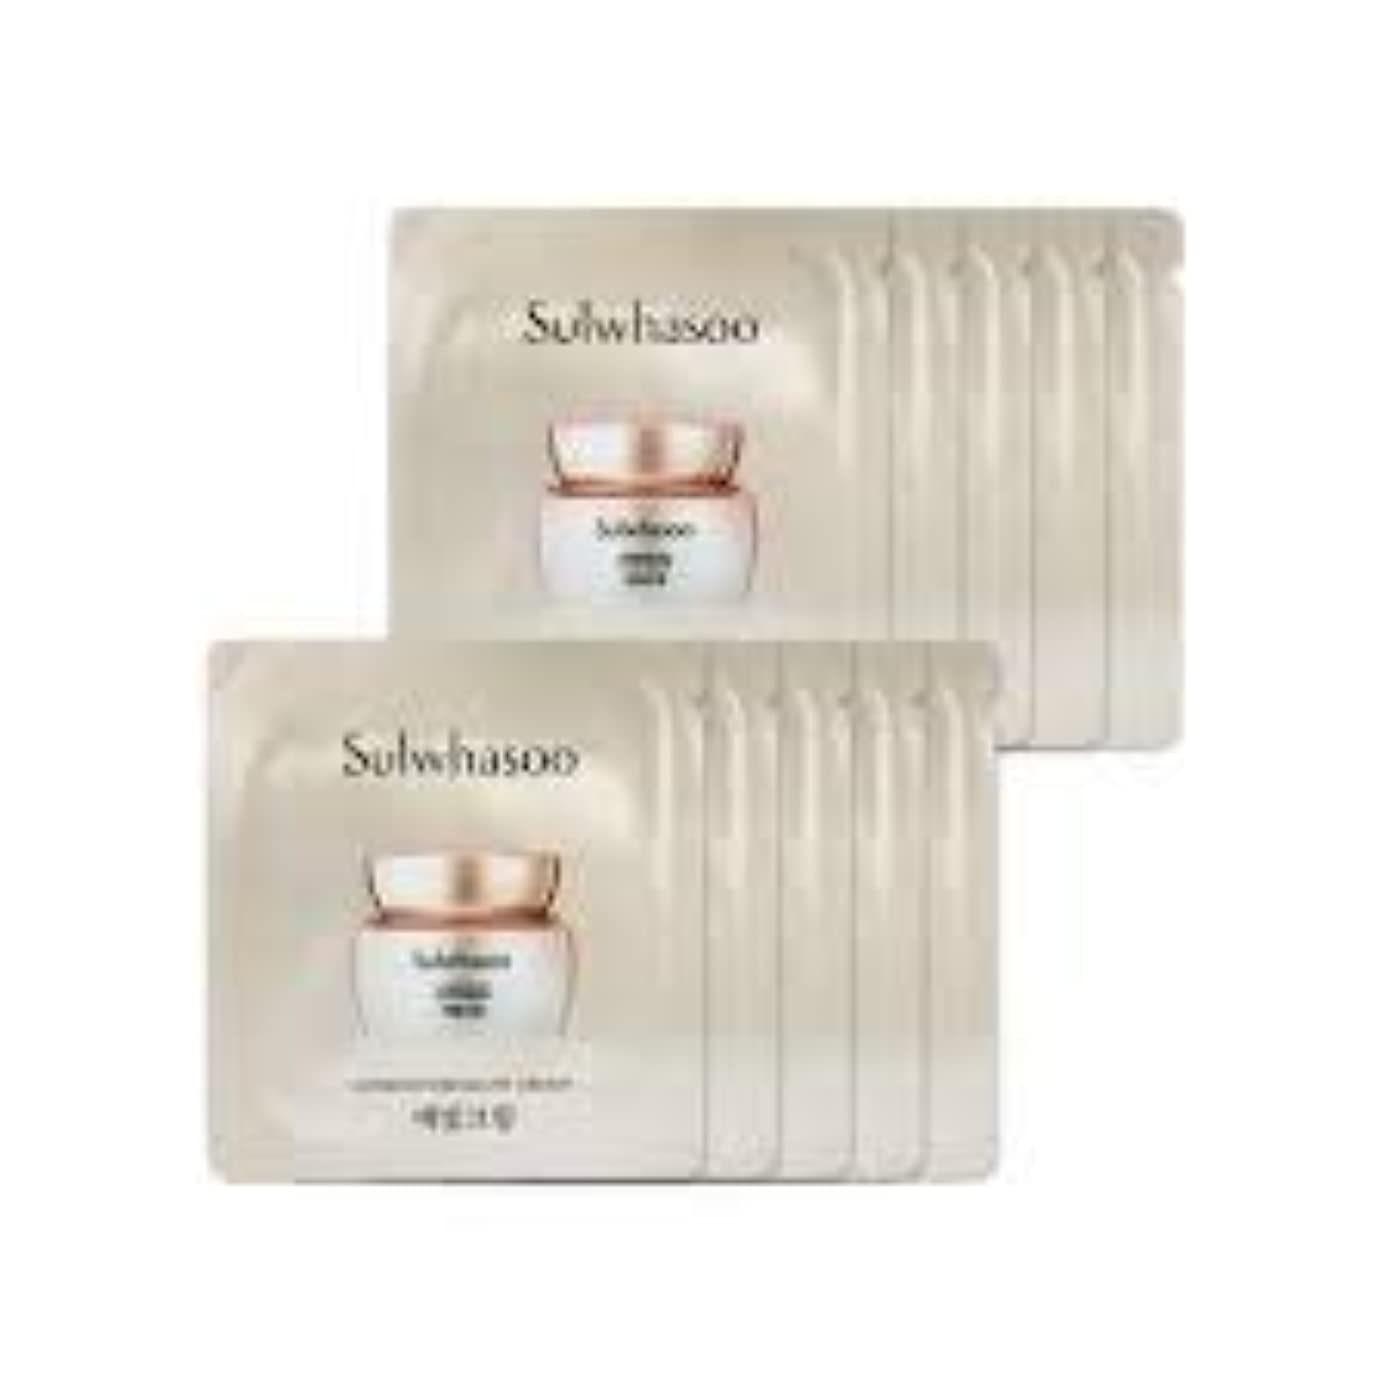 カプセル木製照らす[ソルファス ] Sulwhasoo (雪花秀) ルミナチュアグロー Luminature Glow Cream 1ml x 30 (イェビトクリーム) [ShopMaster1]